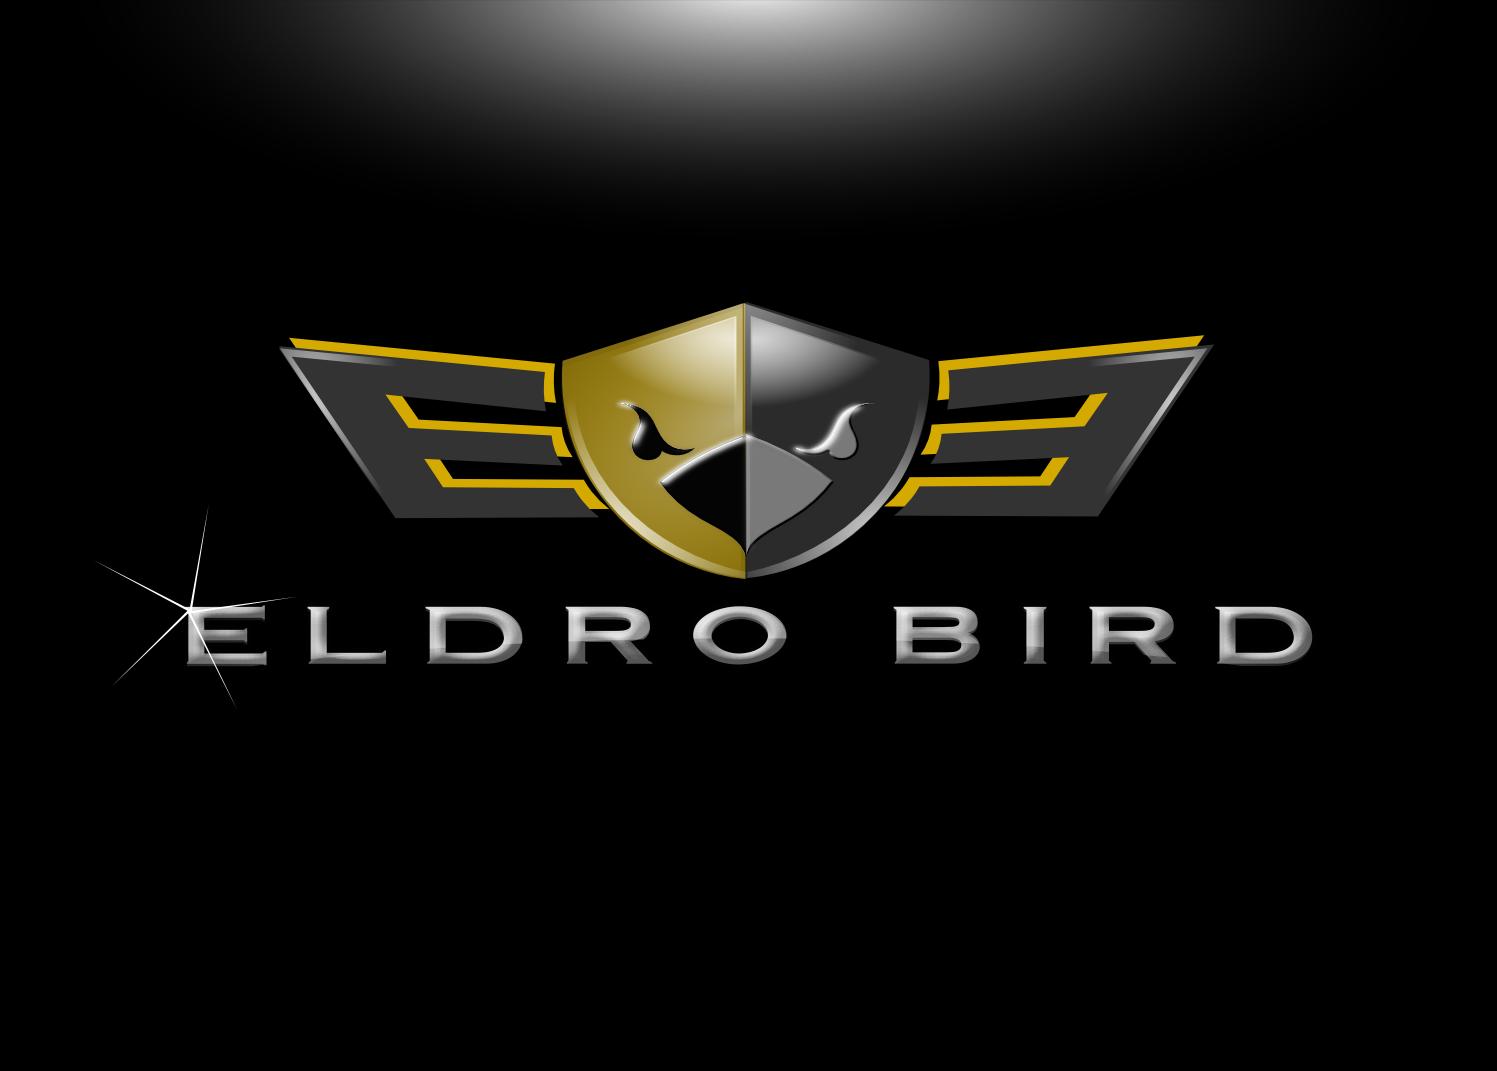 Logo Design by Joseph calunsag Cagaanan - Entry No. 70 in the Logo Design Contest New Logo Design for Bird car.